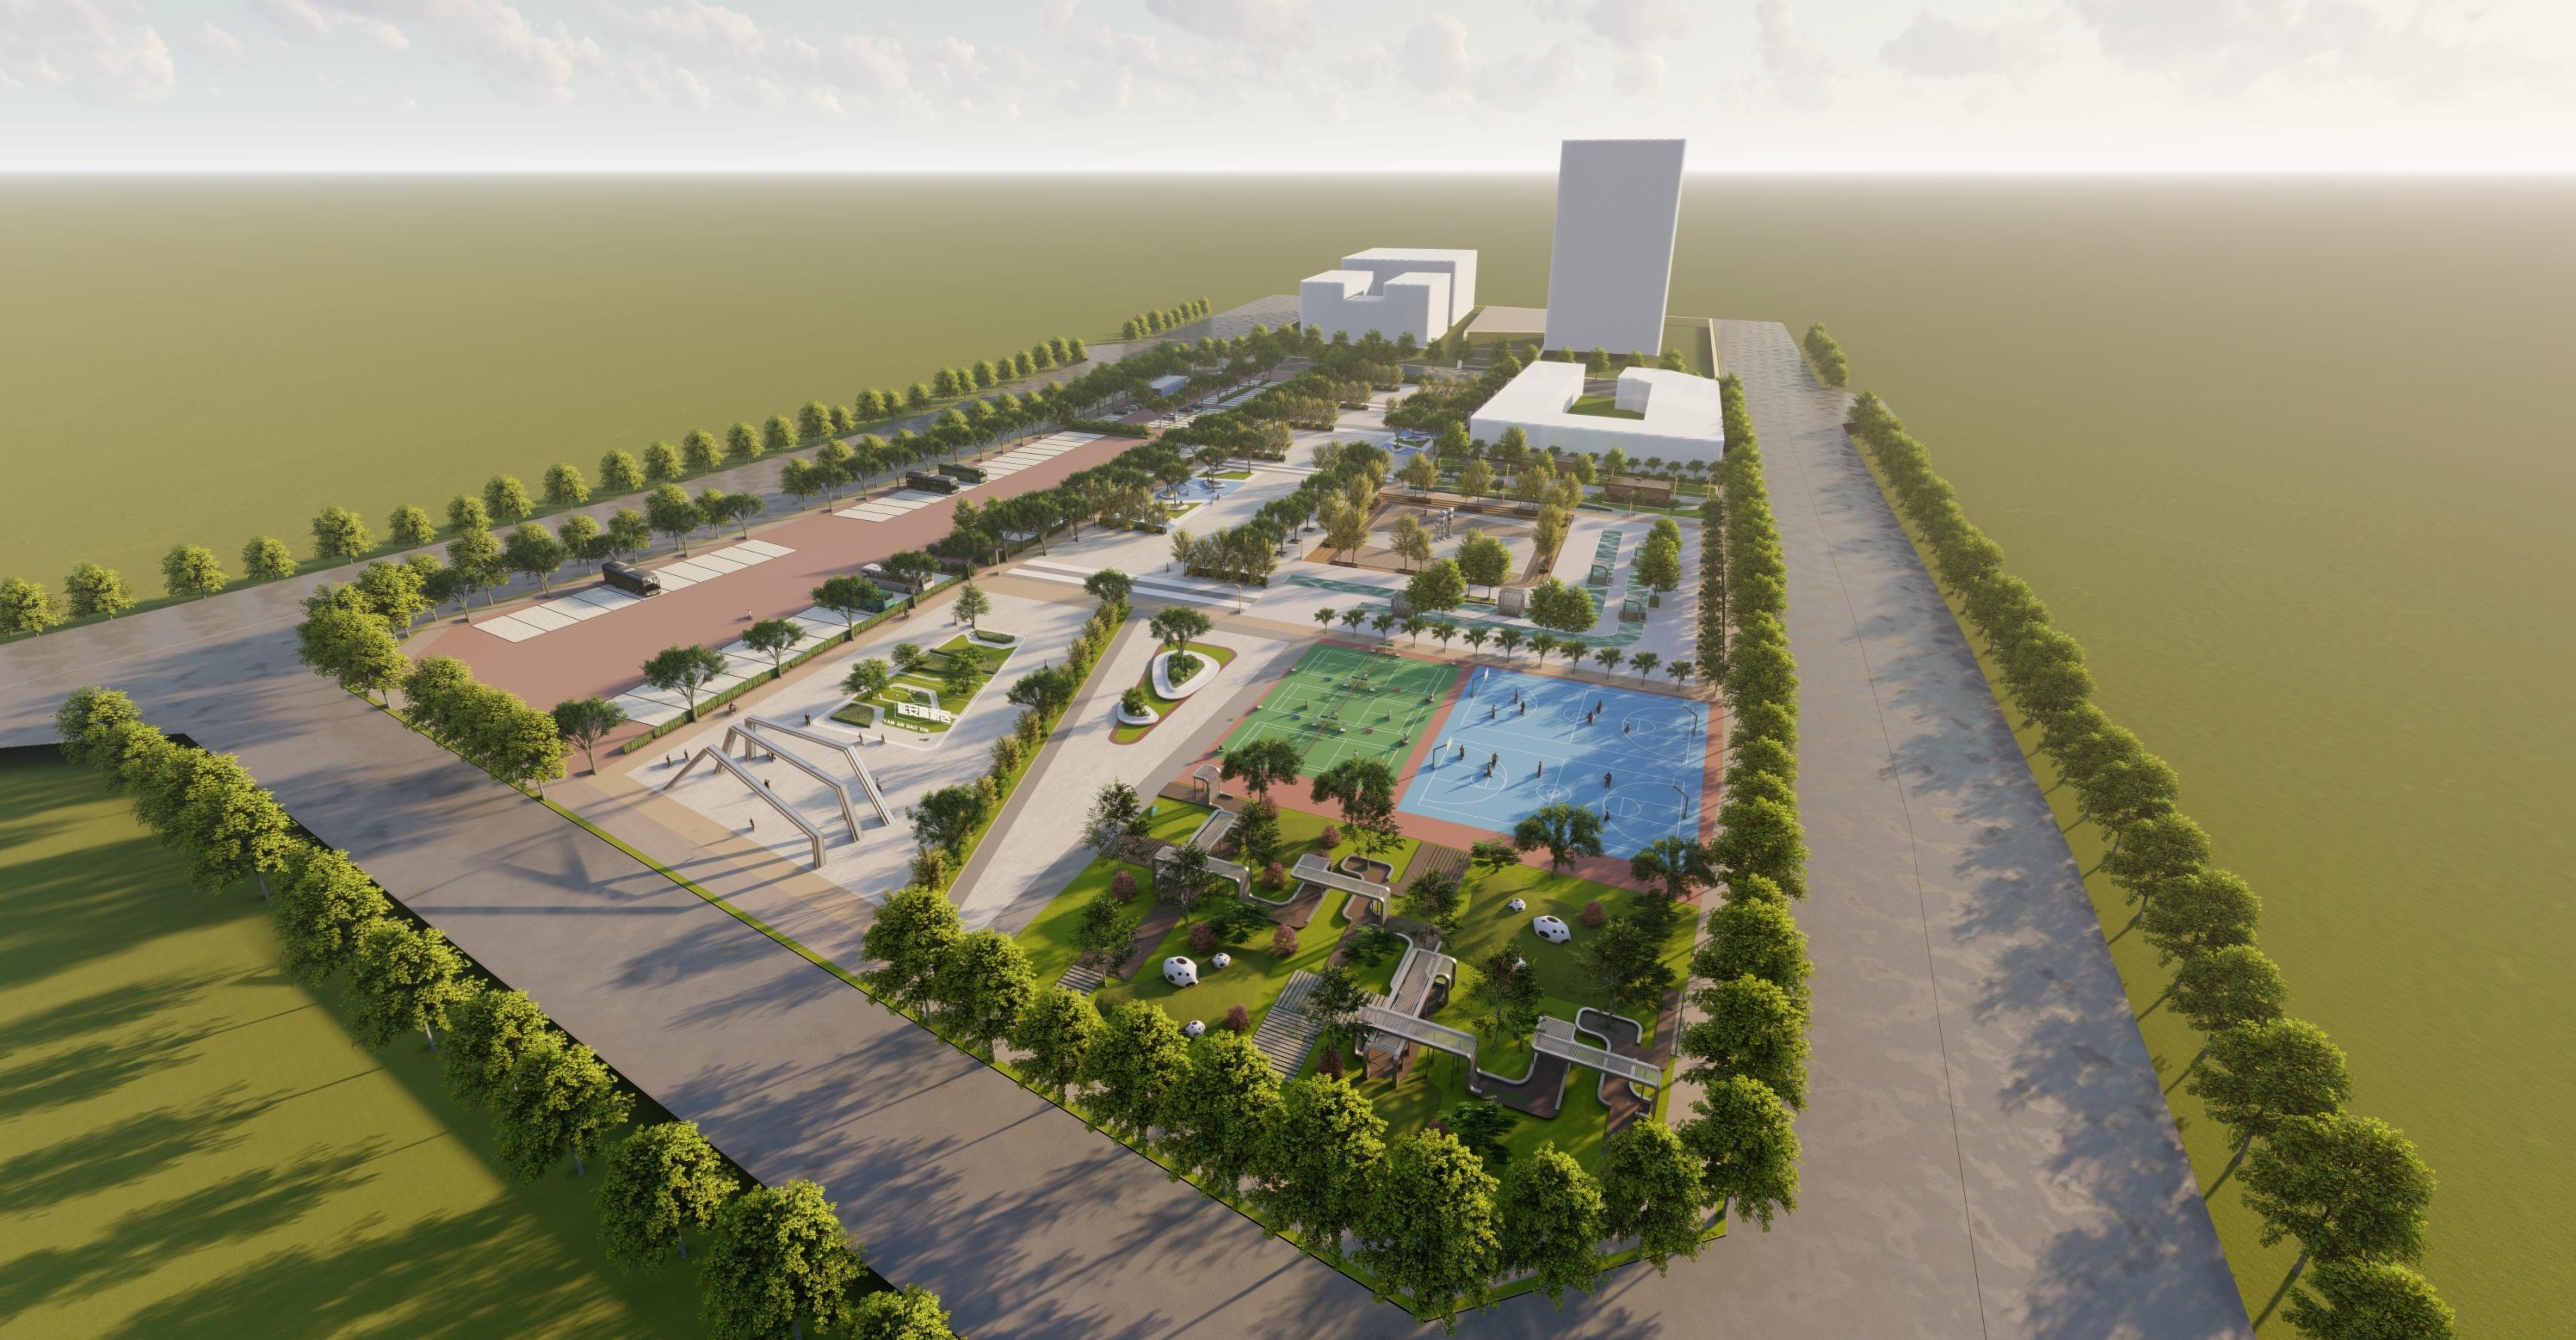 延安高新區街景整治及重要節點規劃設計